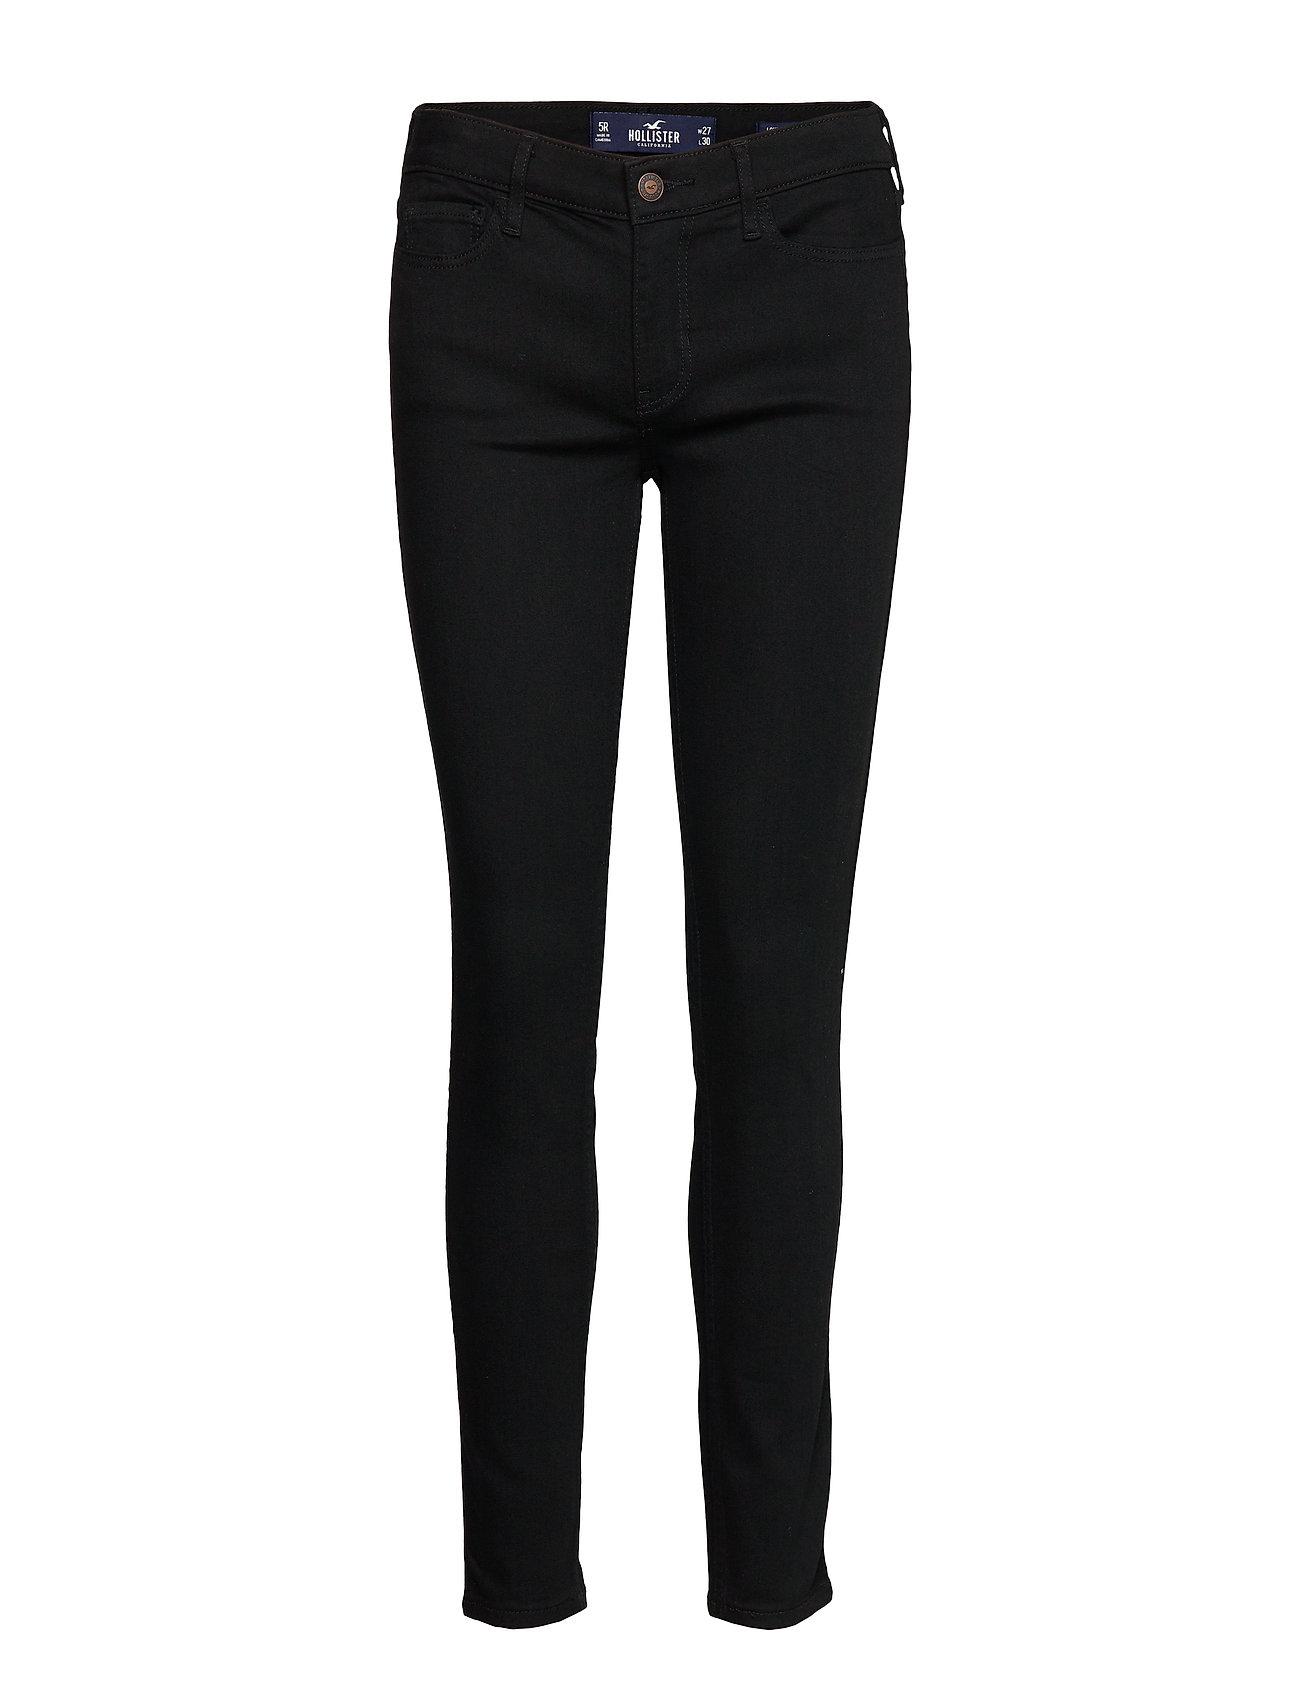 Hollister Lrss Jeans - PURE BLACK